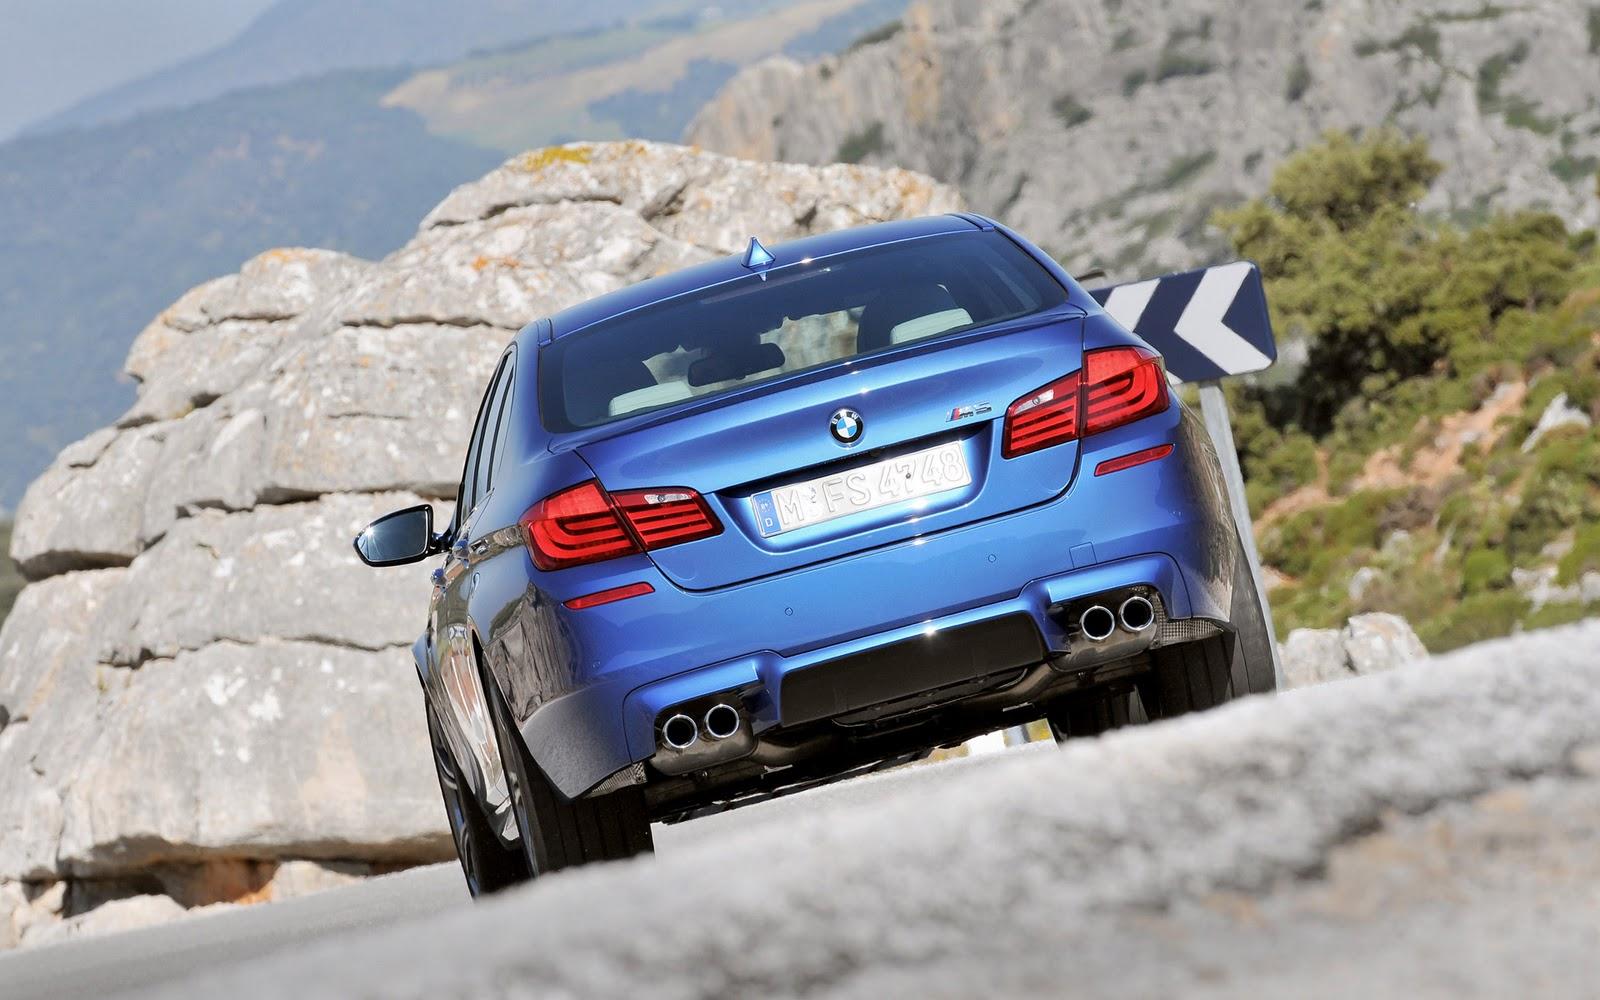 http://3.bp.blogspot.com/-ufzsK484MM0/TuJTmsv-m9I/AAAAAAAABrw/zdUHJQuBVlY/s1600/Blue-BMW-M5-F10-Rear-View_1920x1200_6777.jpg